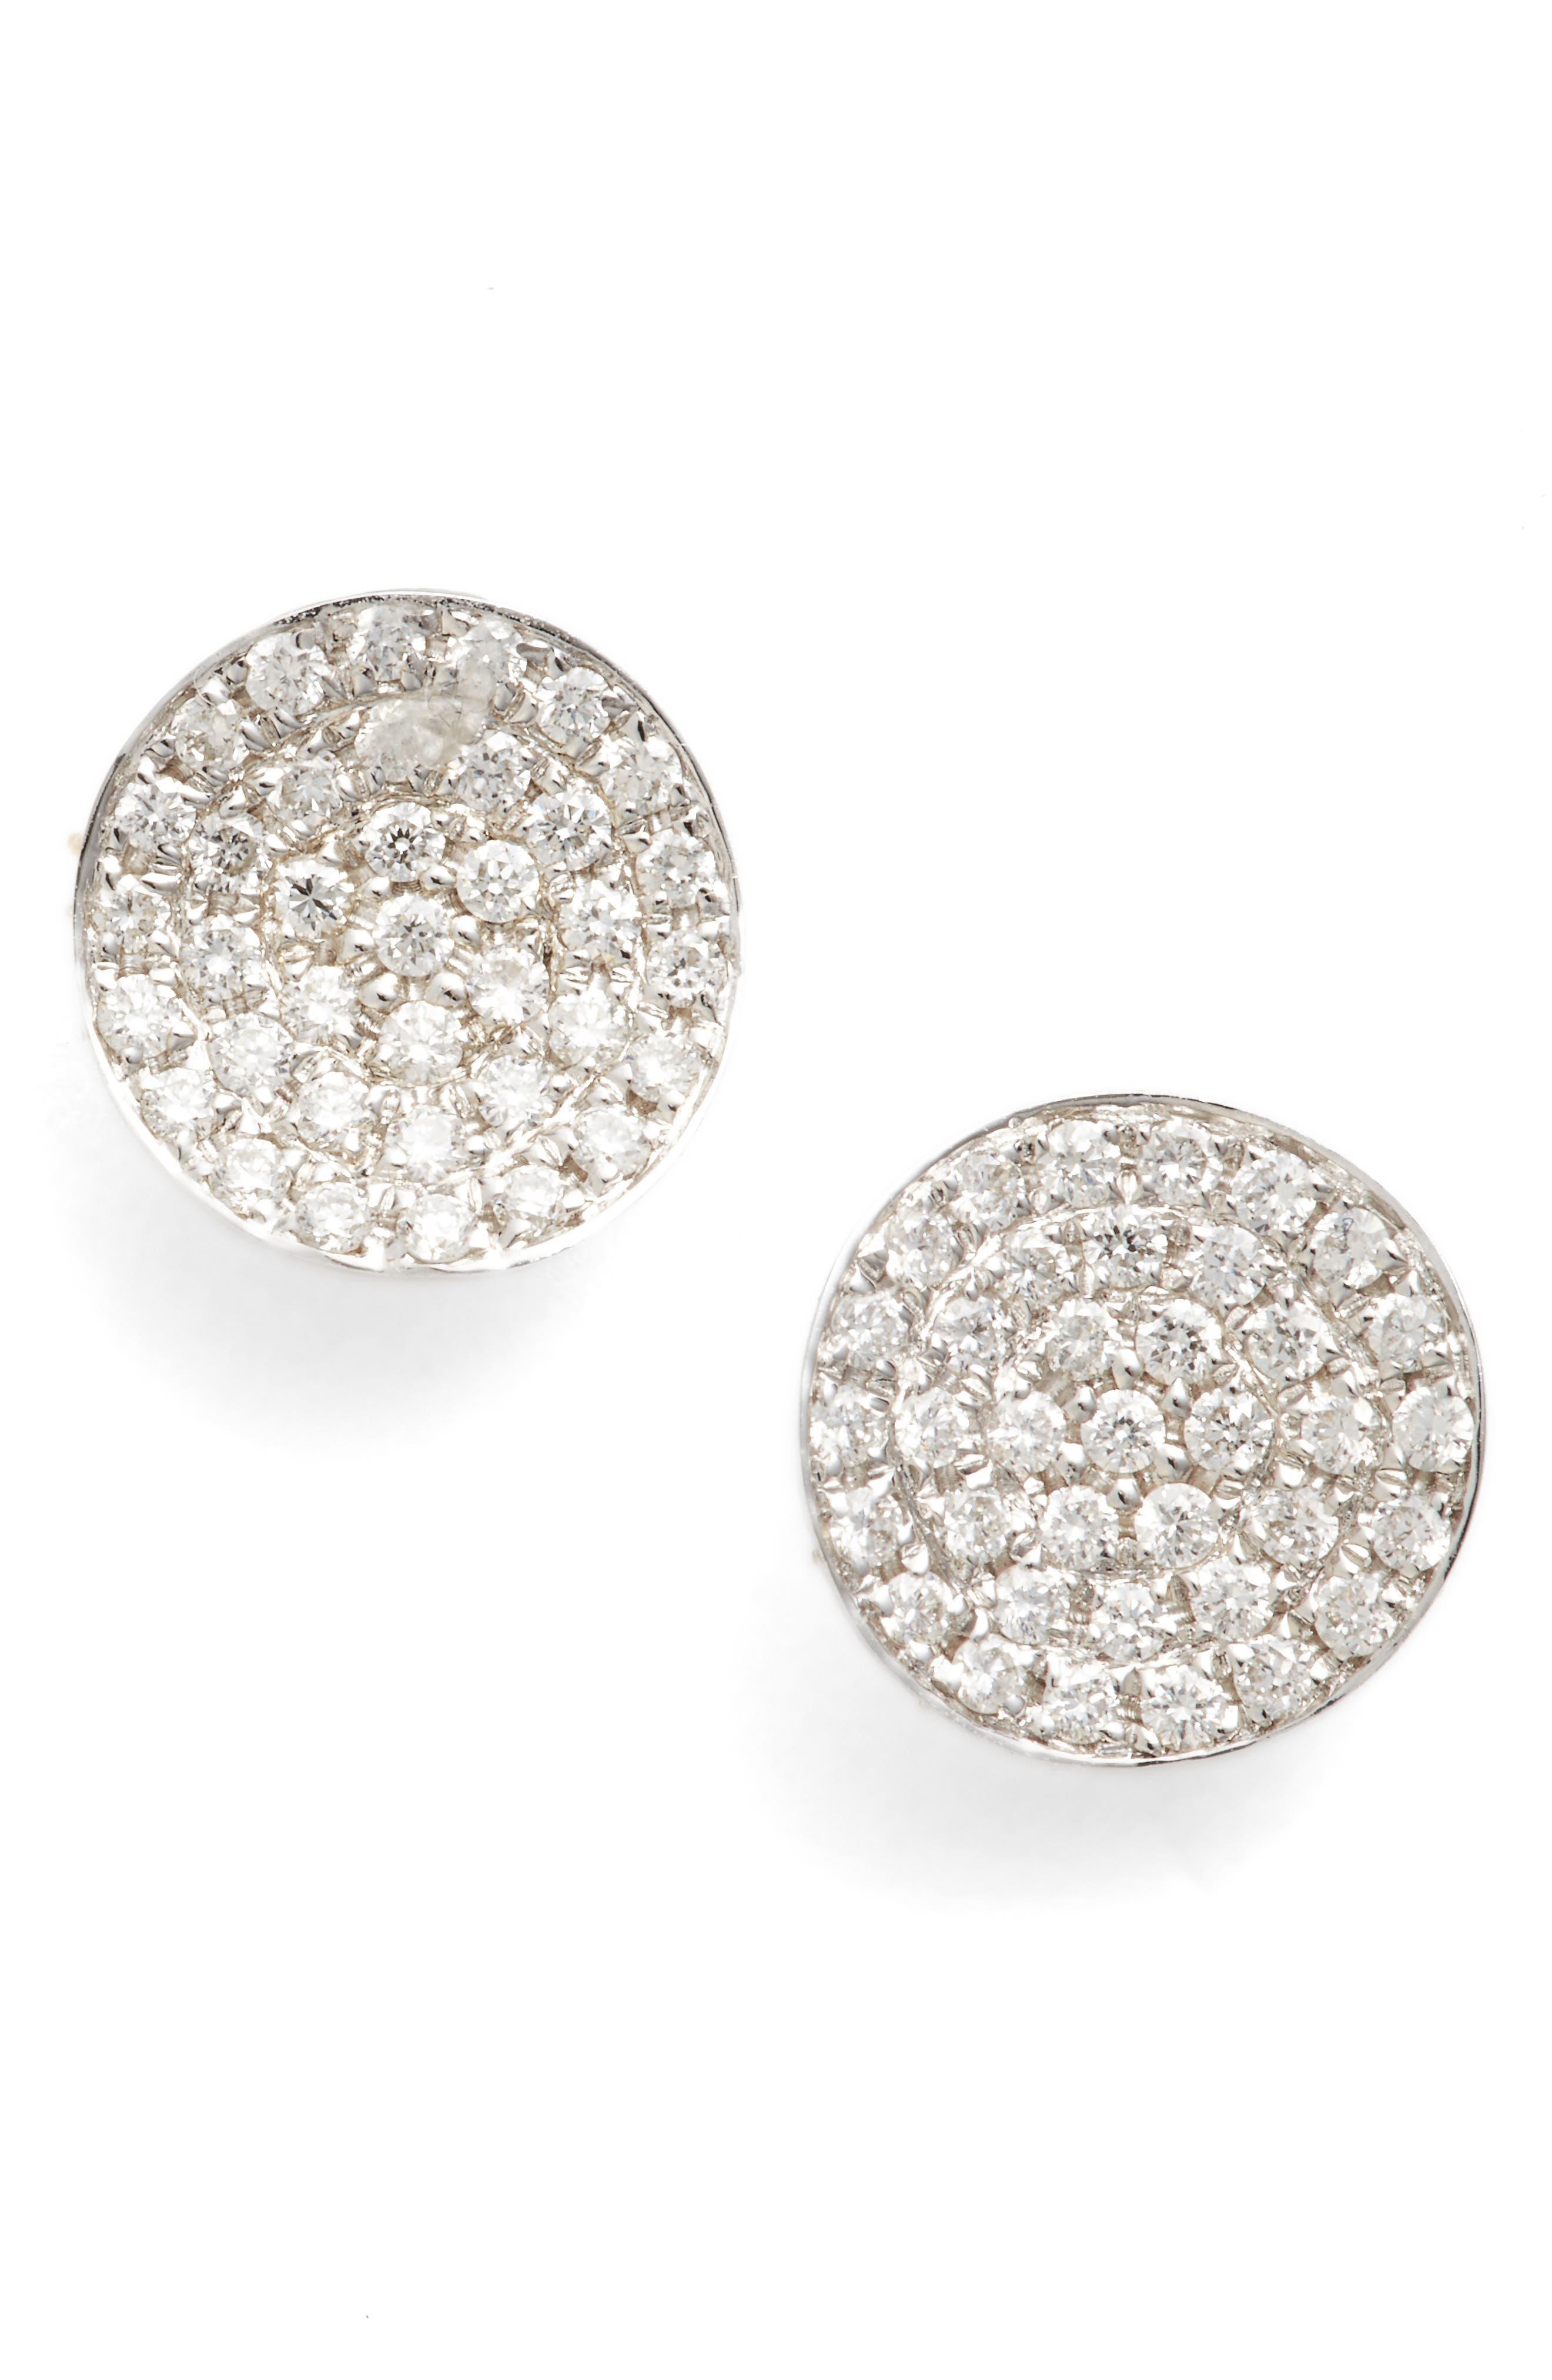 Aurelia Diamond Concave Stud Earrings,                         Main,                         color, White Gold